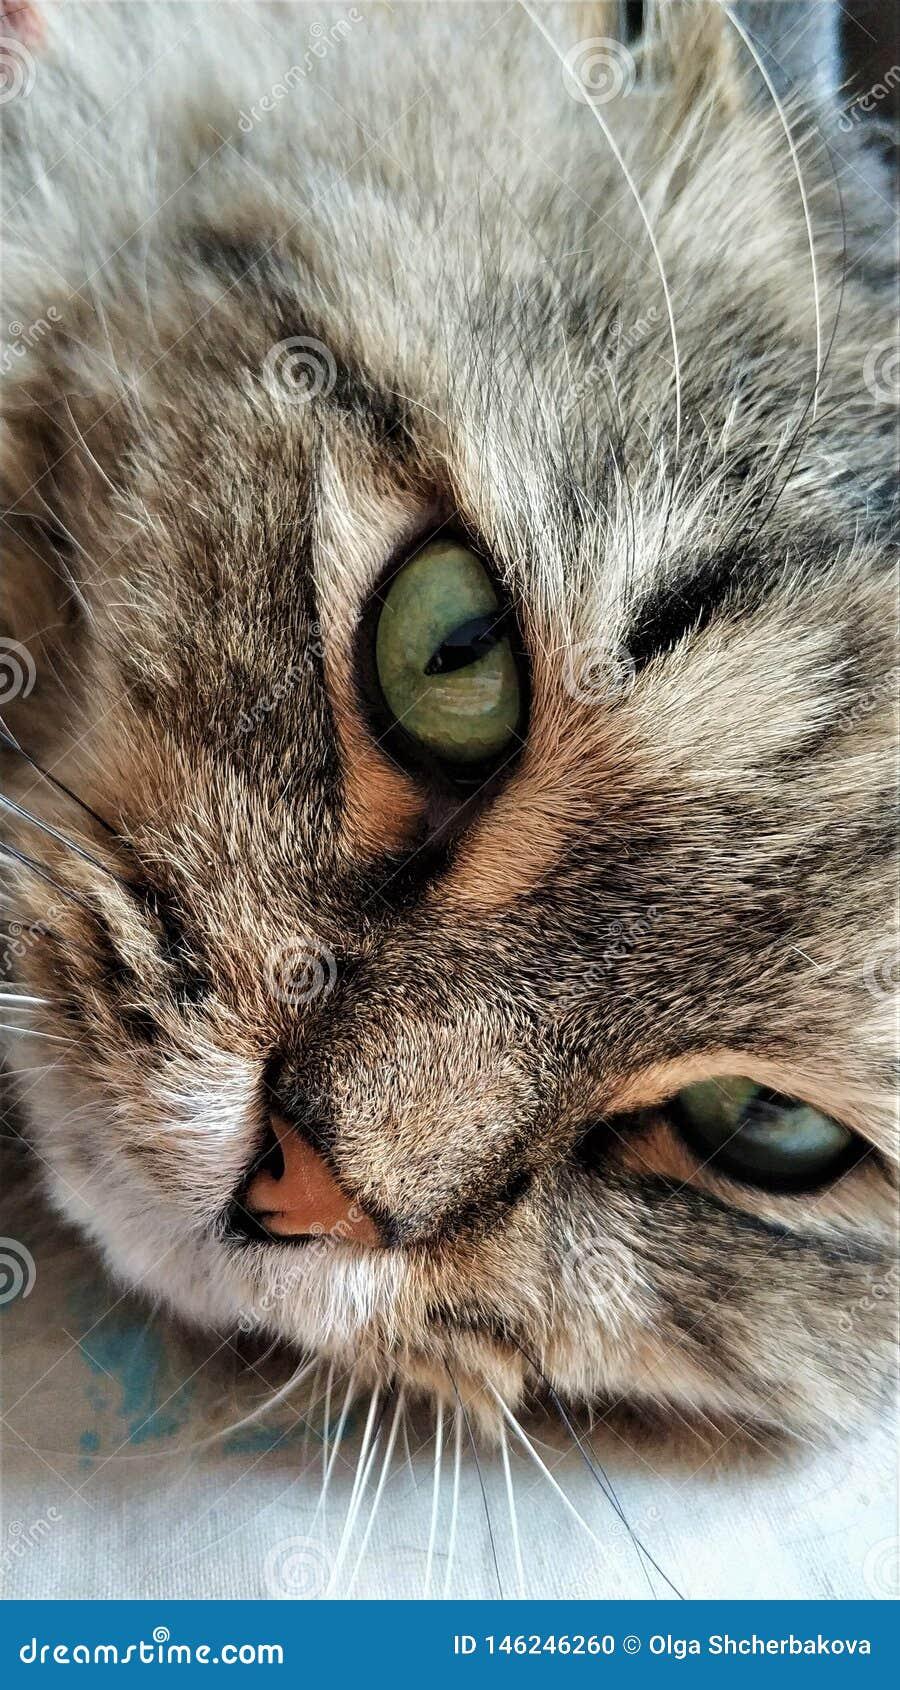 Occhi verdi di un gatto della fine siberiana su